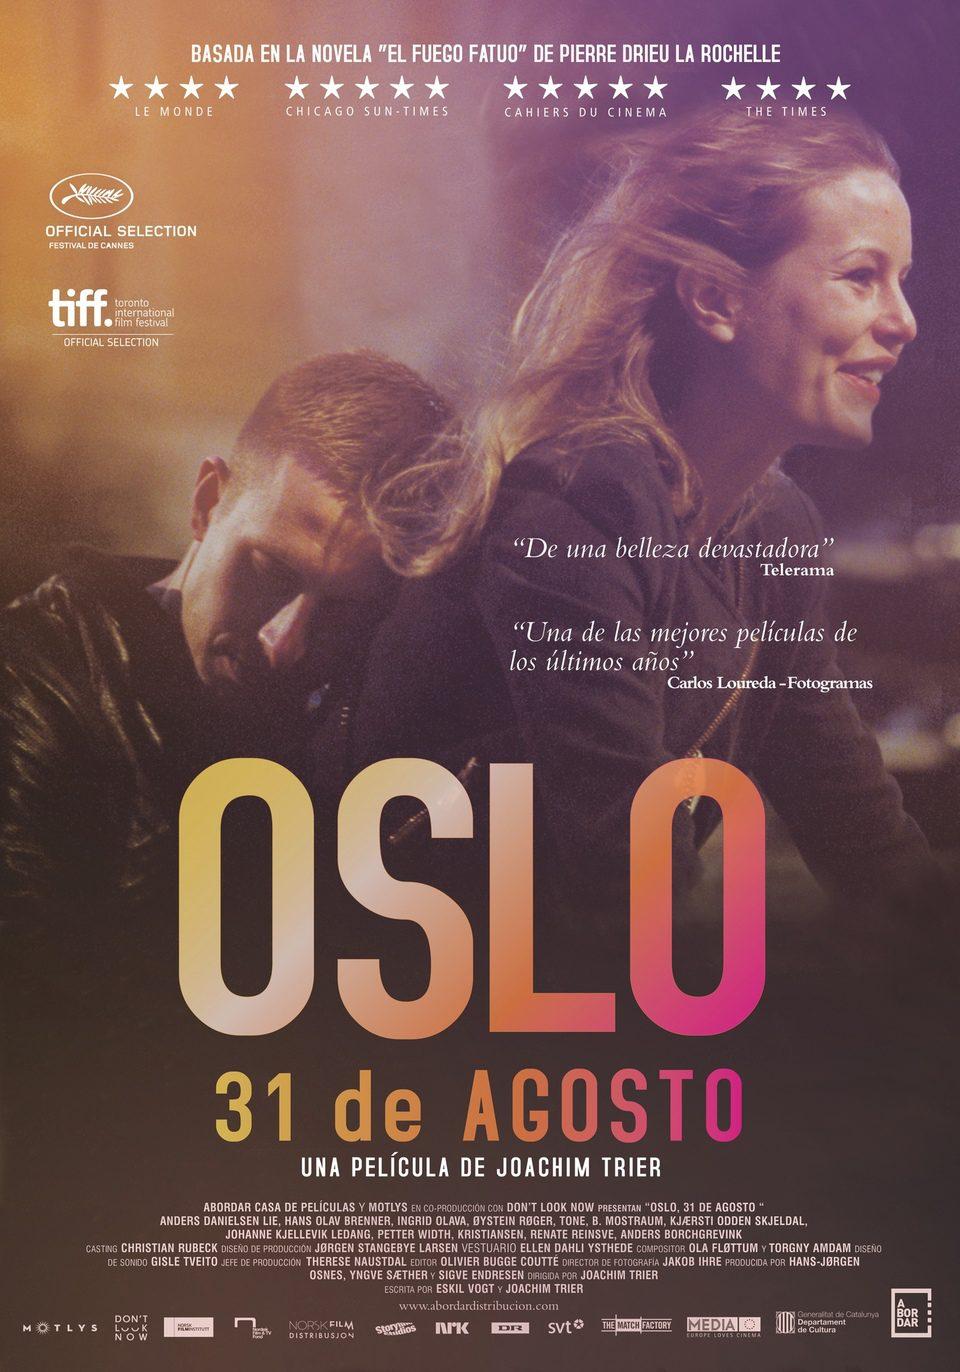 Cartel España de 'Oslo, 31 de agosto'